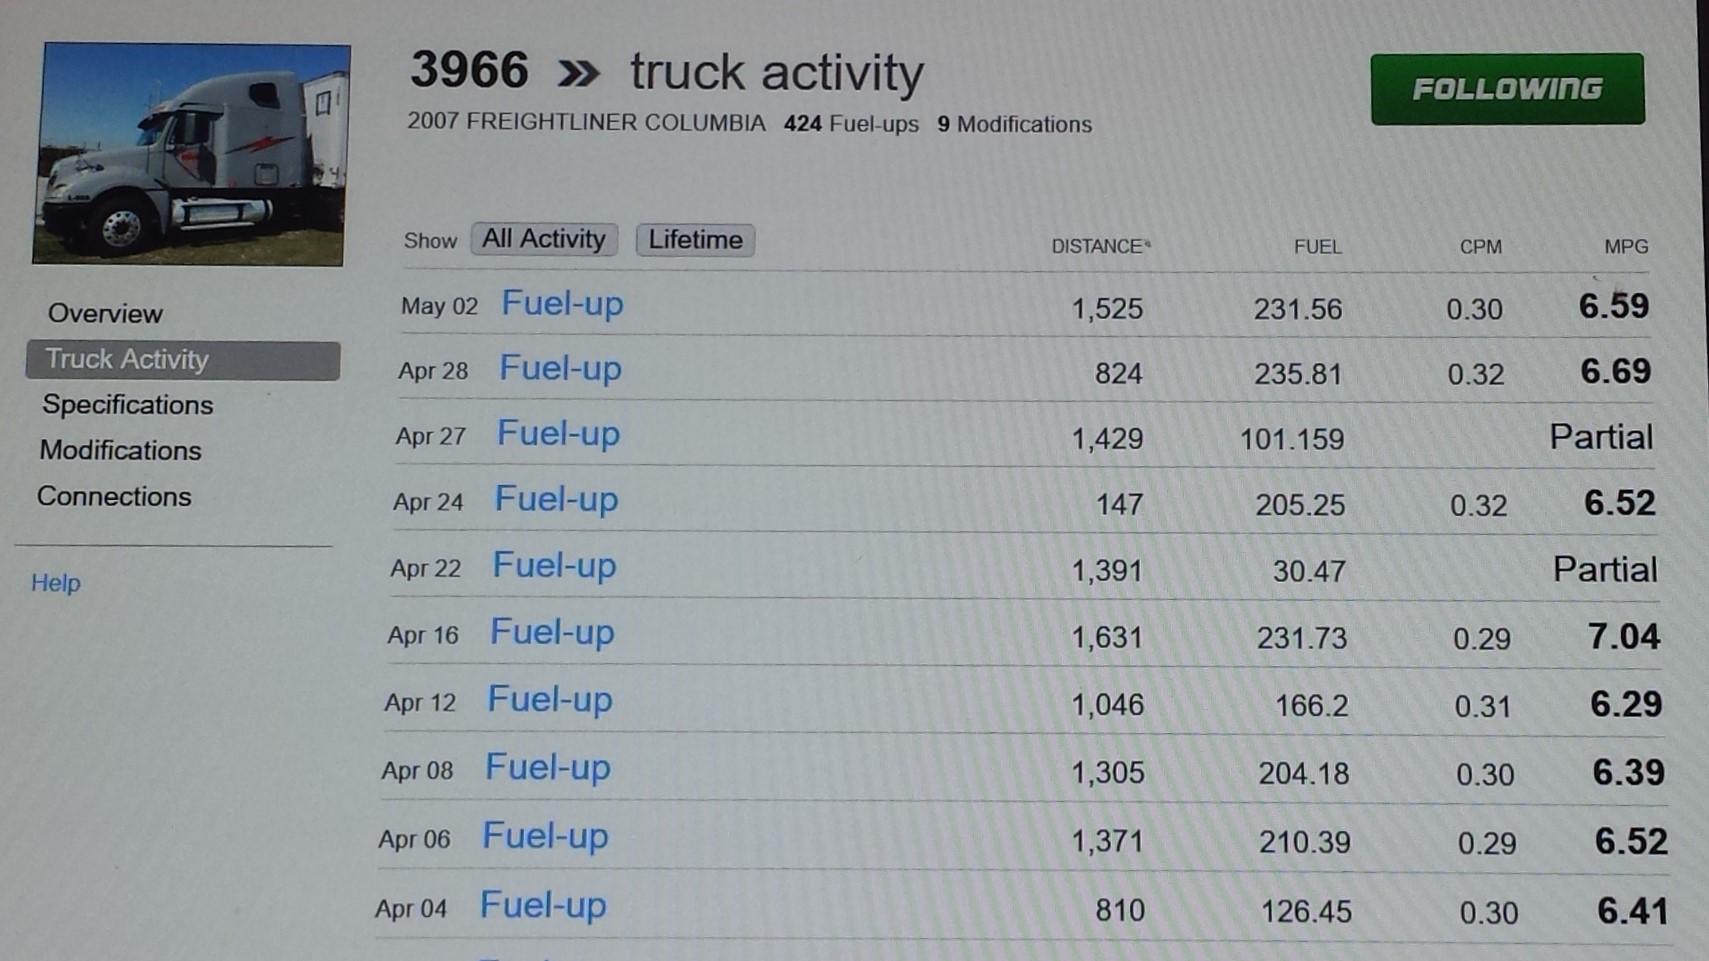 Baseline Fuel Mileage on 2007 Freightliner Average 6.55 MPG